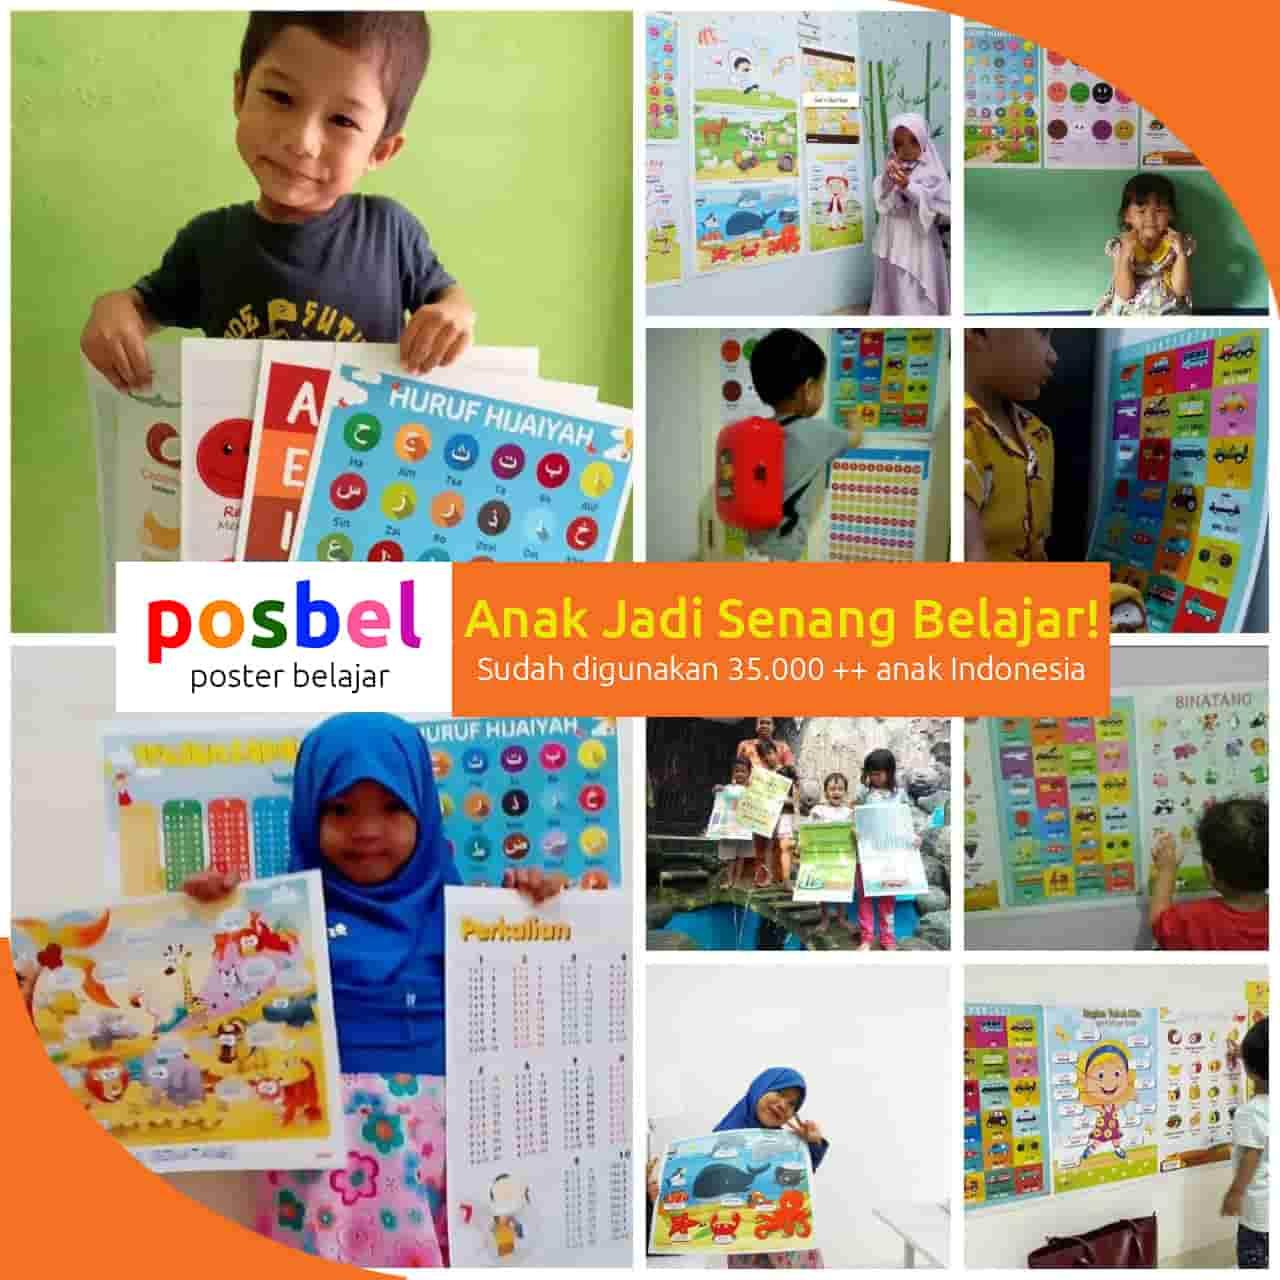 kolase mainan anak poster edukasi edukatif belajar perempuan laki alat peraga pendidikan